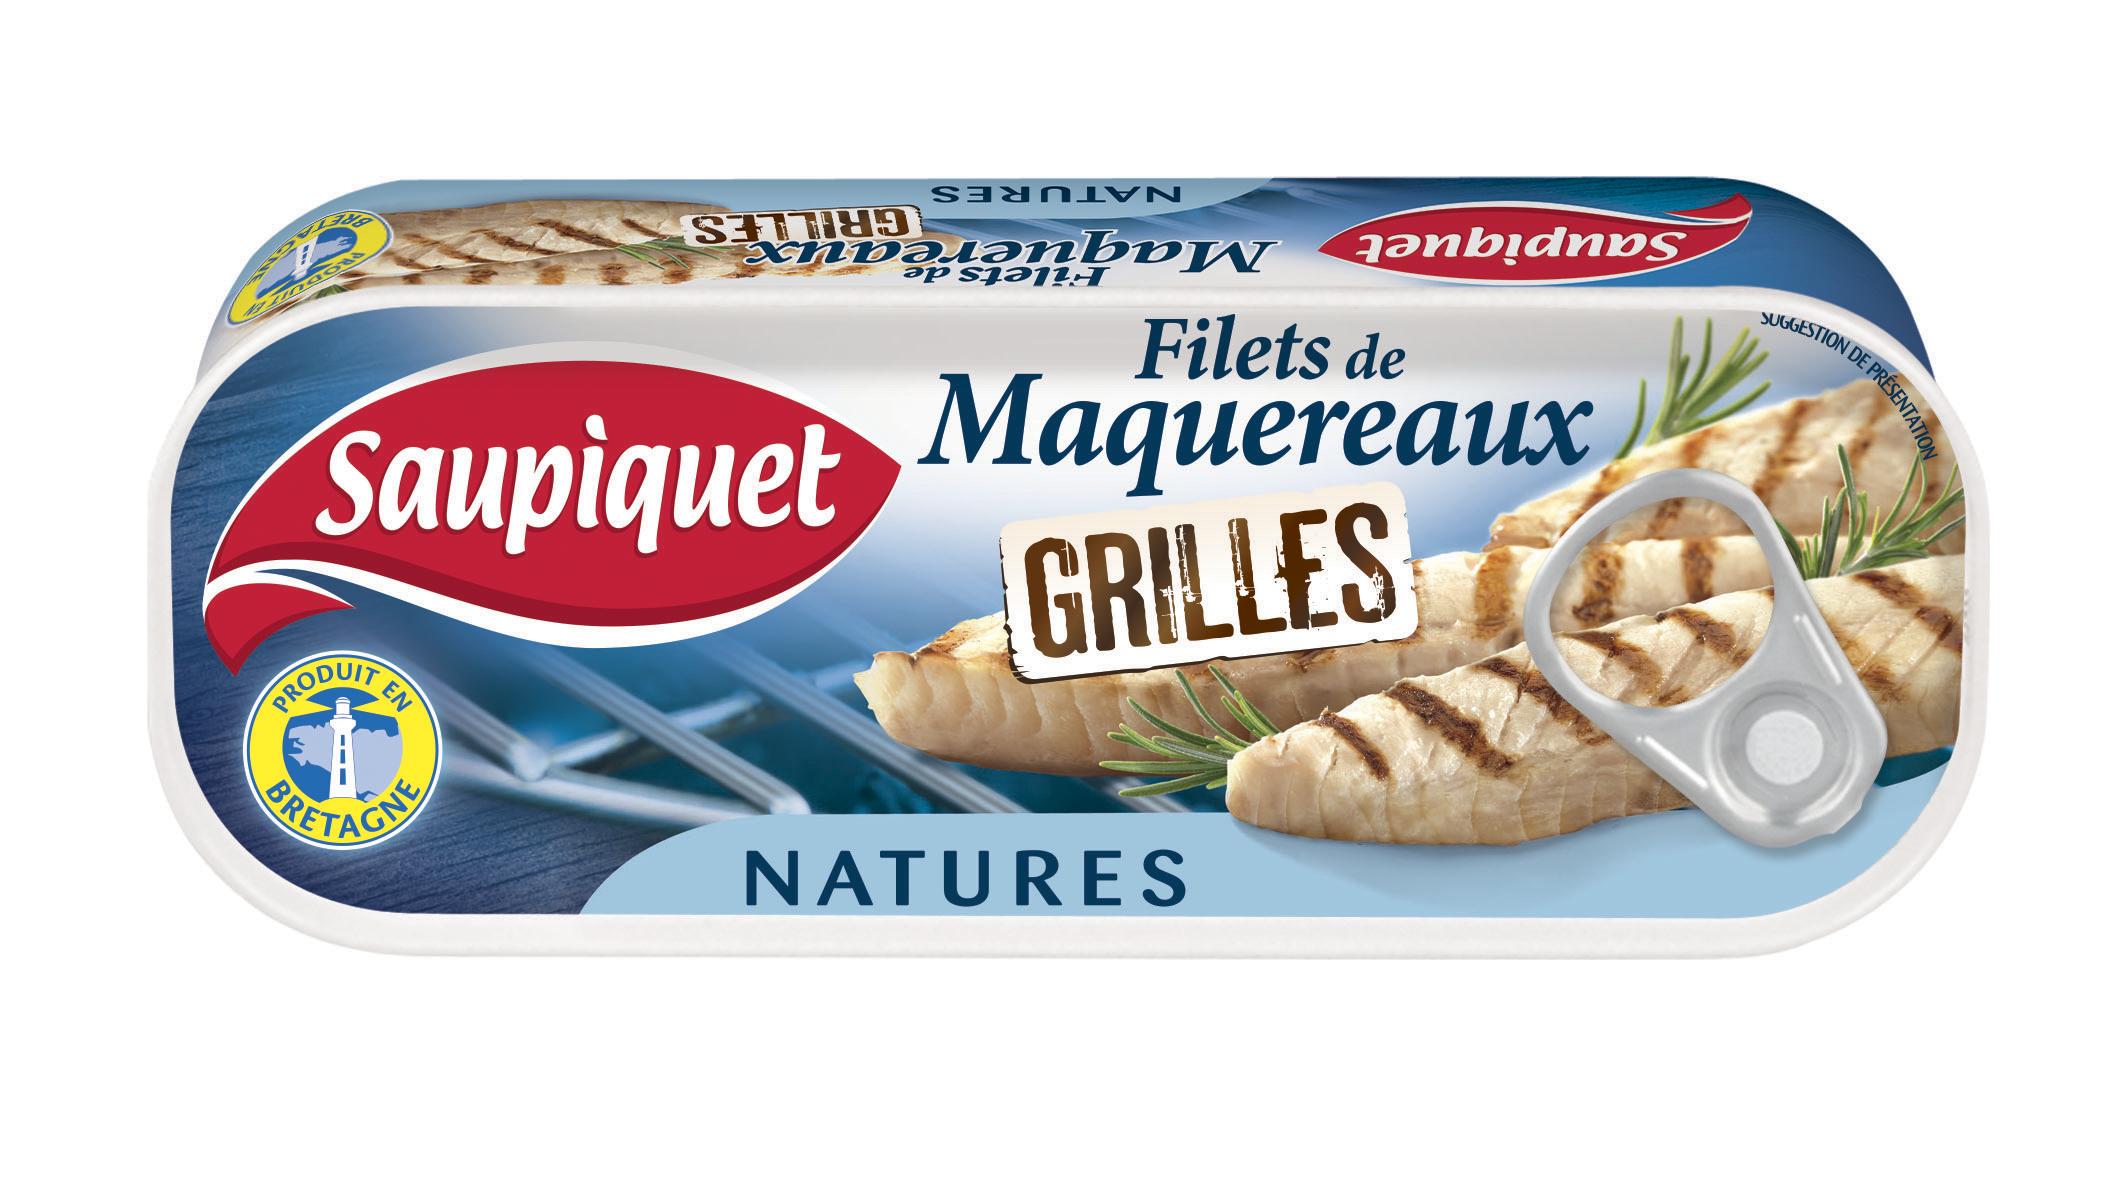 Filets de maquereaux grill s natures saupiquet donne des couleurs la mer - Recette maquereau grille barbecue ...